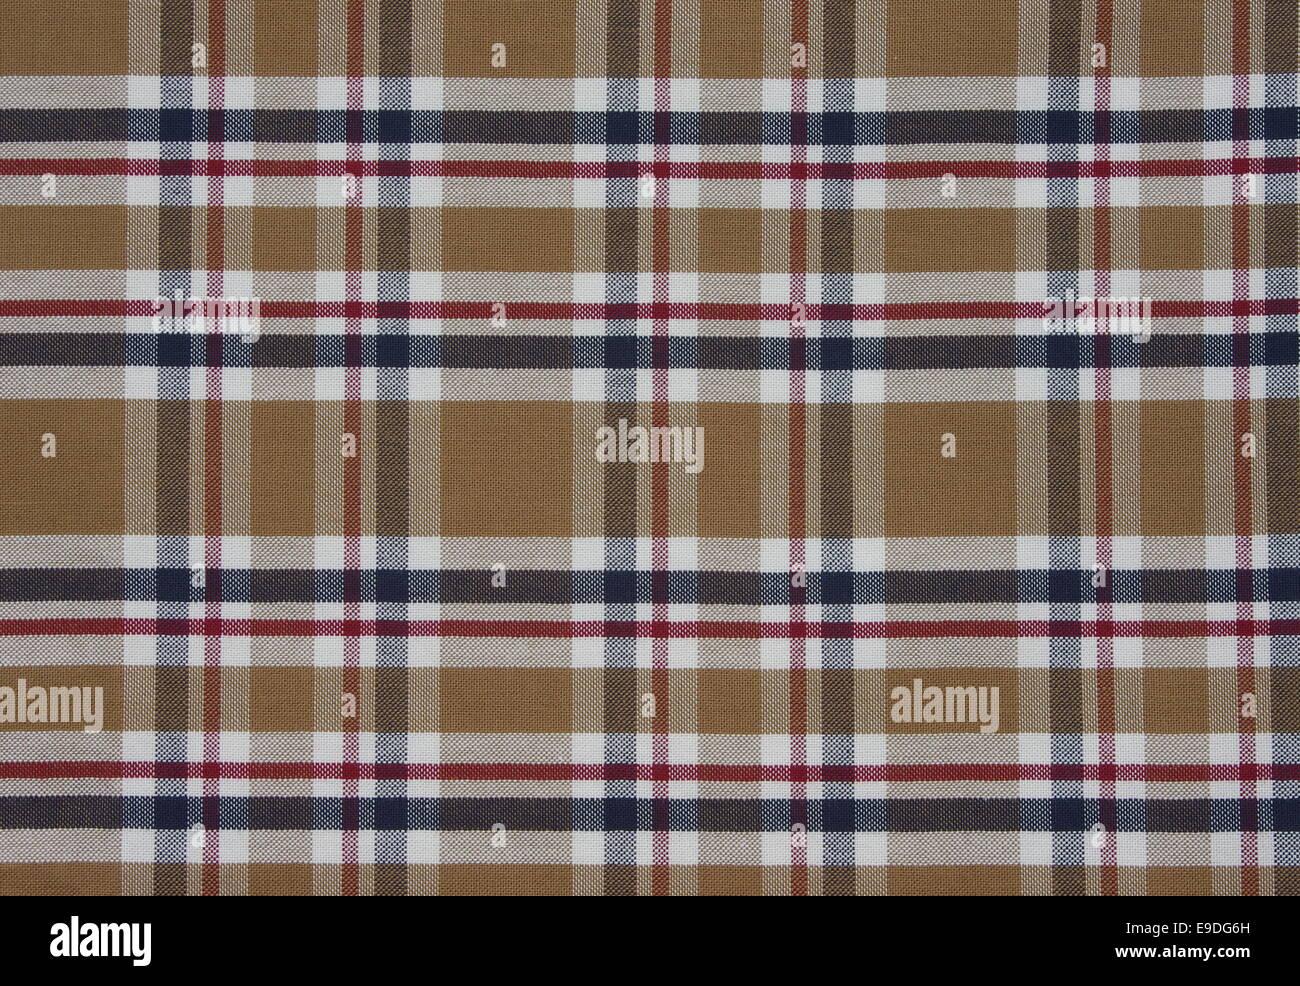 Tejido tartan pattern. Marrón con rojo, blanco y azul Imagen De Stock